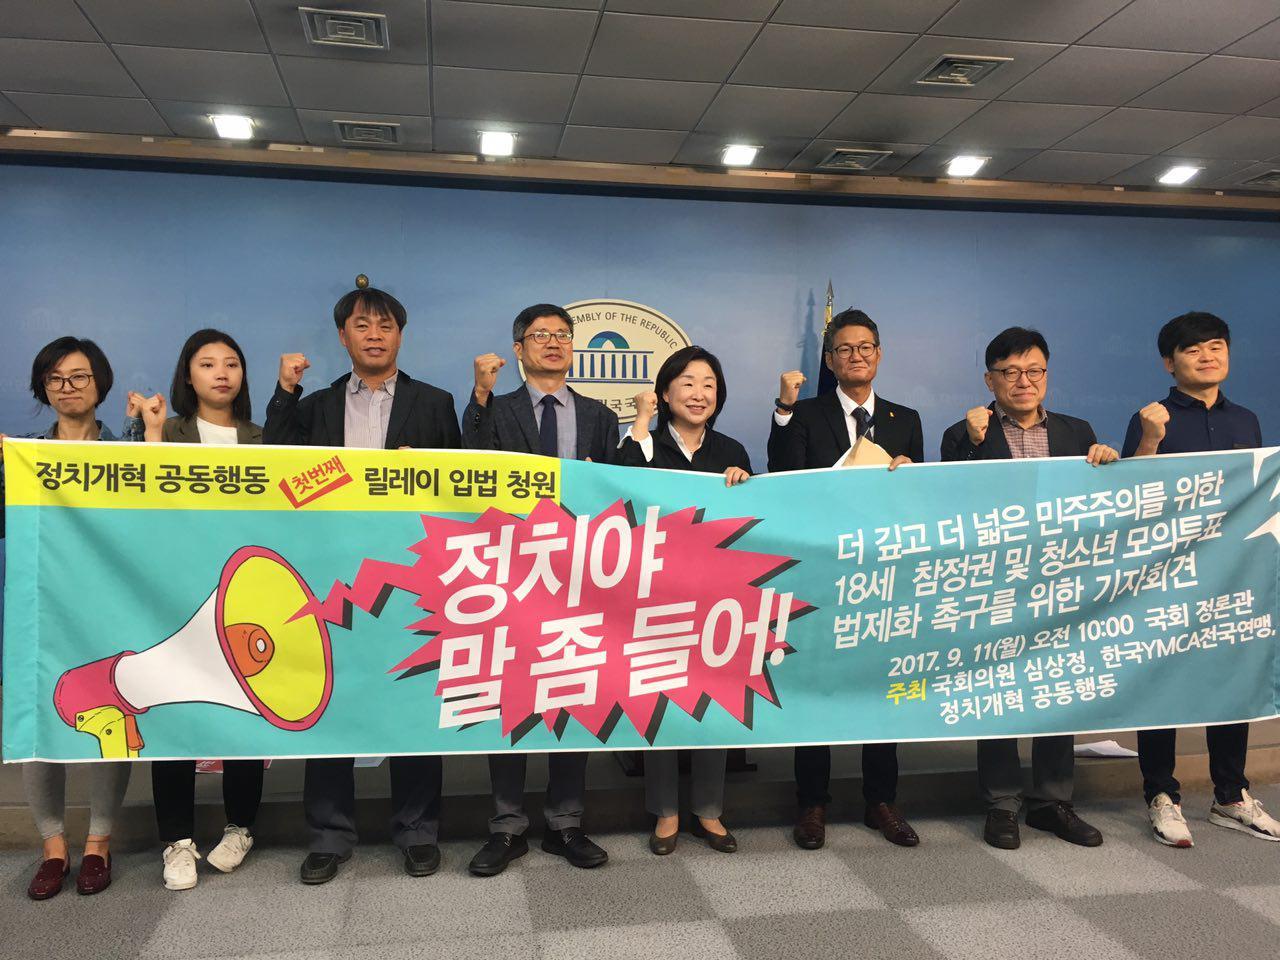 지난 11일 국회 정론관에서 18세 참정권 실현과 청소년 모의투표 법제화를 촉구하는 기자회견이 열렸다.